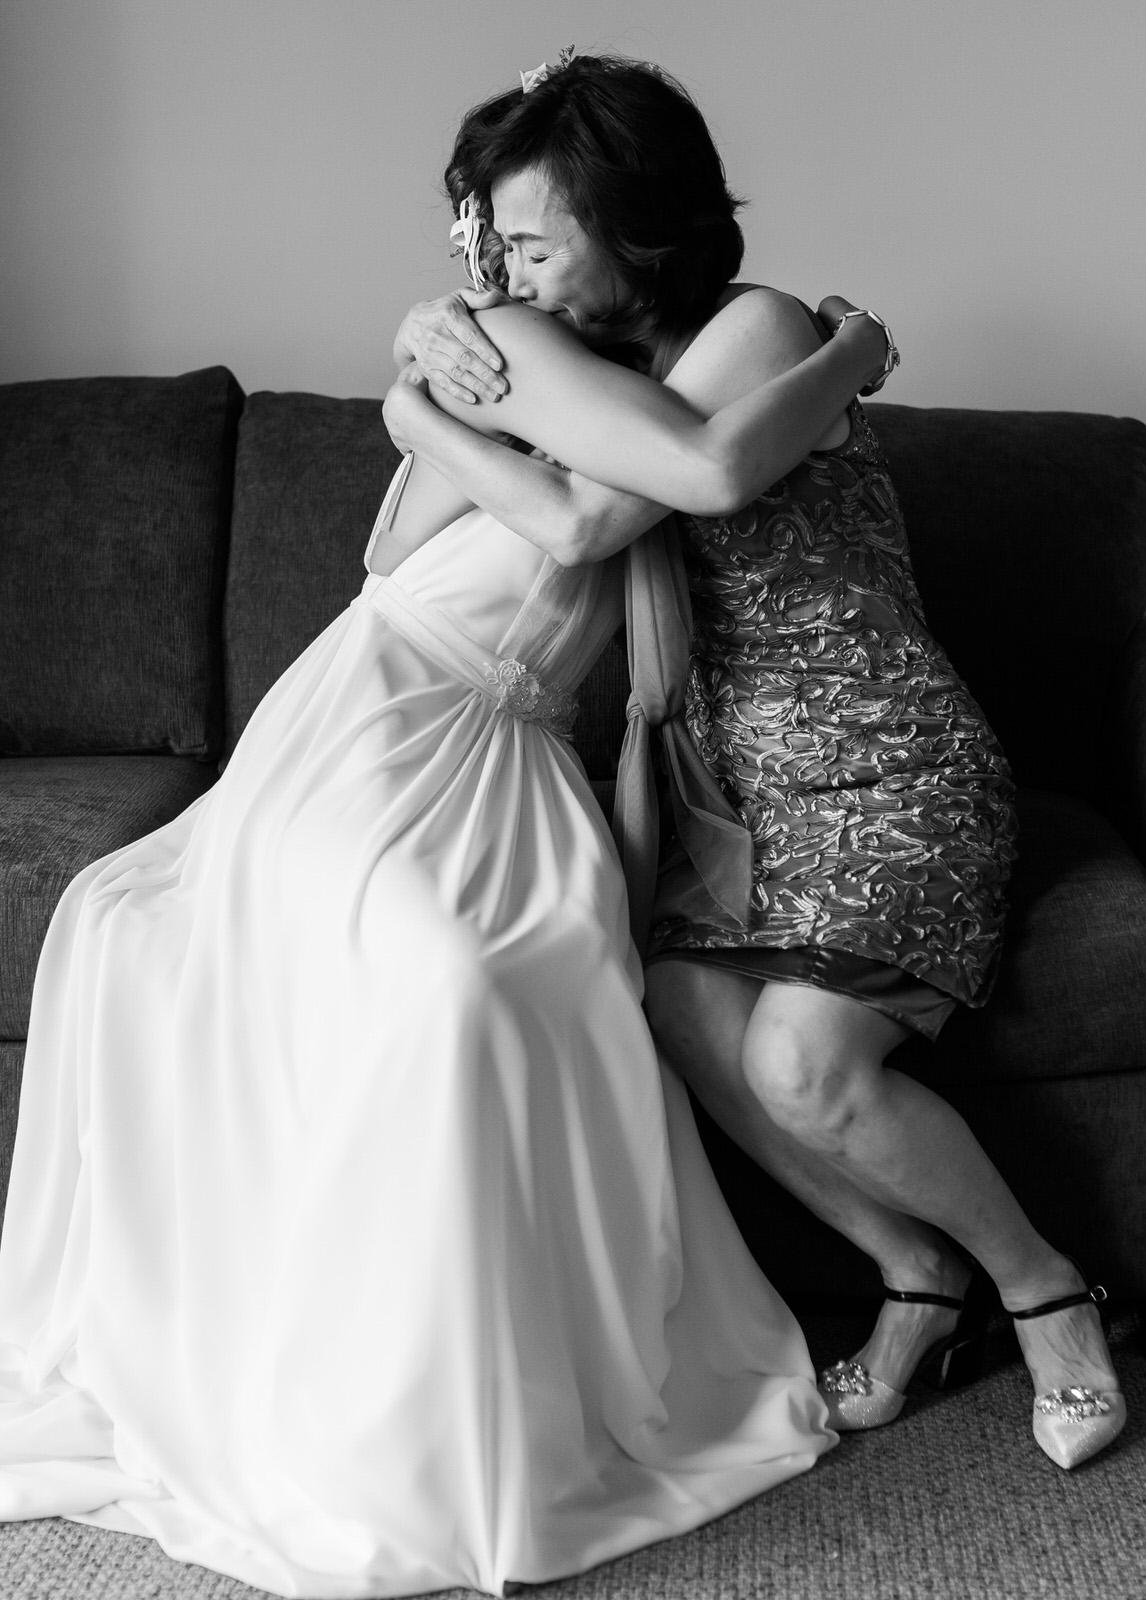 Sunshine Coast Vancouver Wedding Photographer, Jennifer Picard